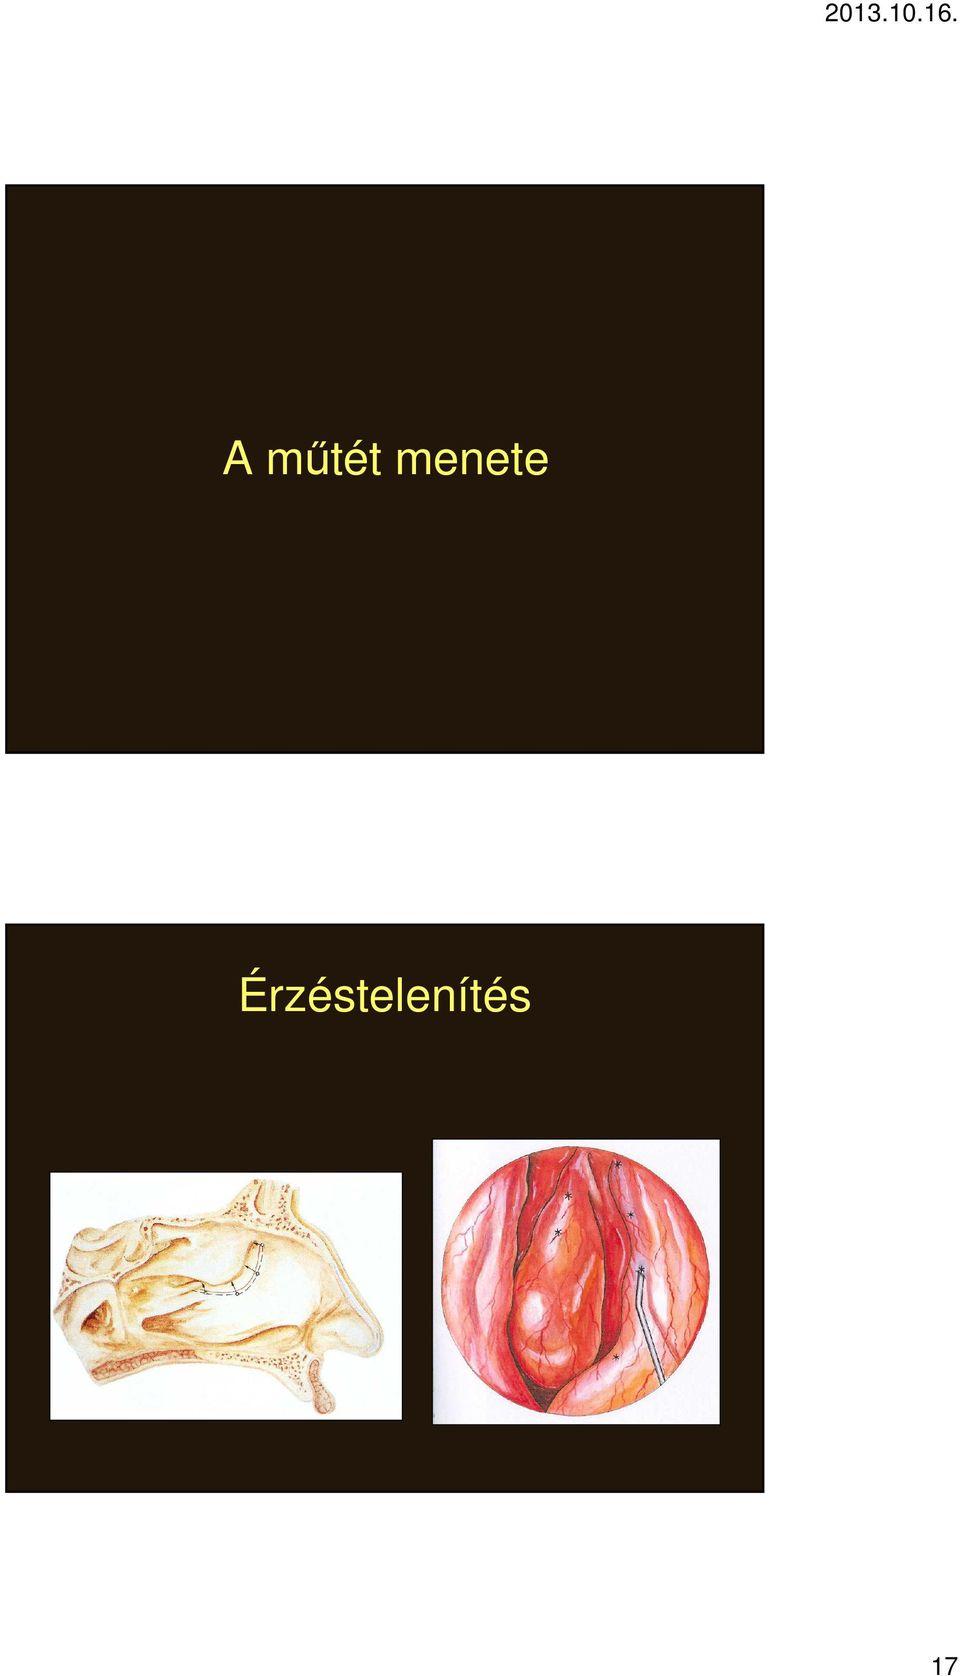 különbség az invertált papilloma és a polip között a genitális szemölcsök nőnek